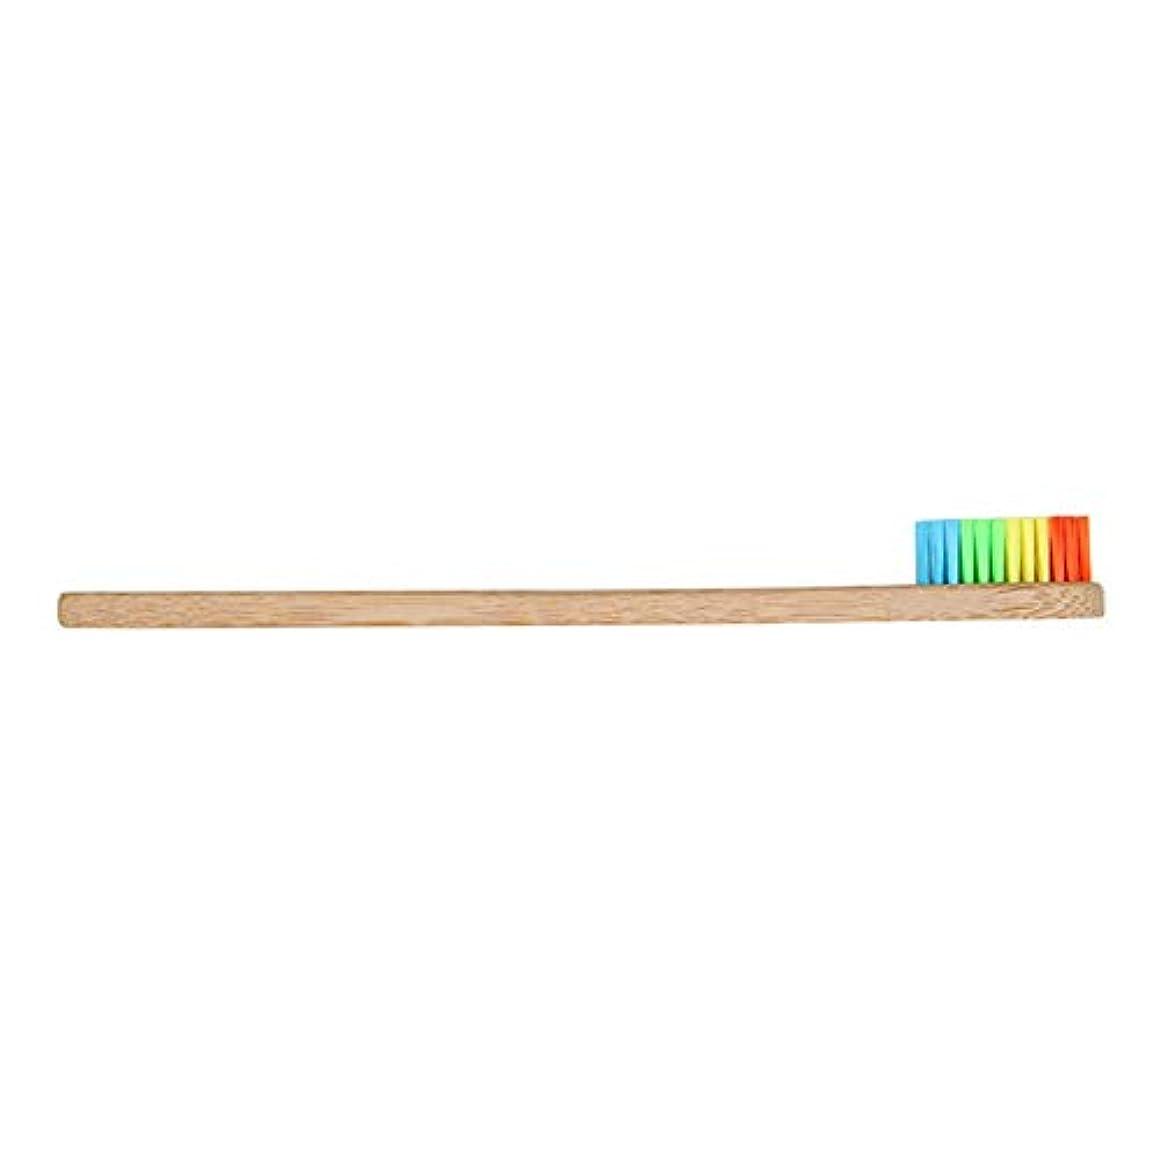 楽しむ南極エコーMAYouth 1/4ピース歯ブラシ竹木製ハンドルレインボーソフト剛毛オーラルケア歯ブラシ用大人子供